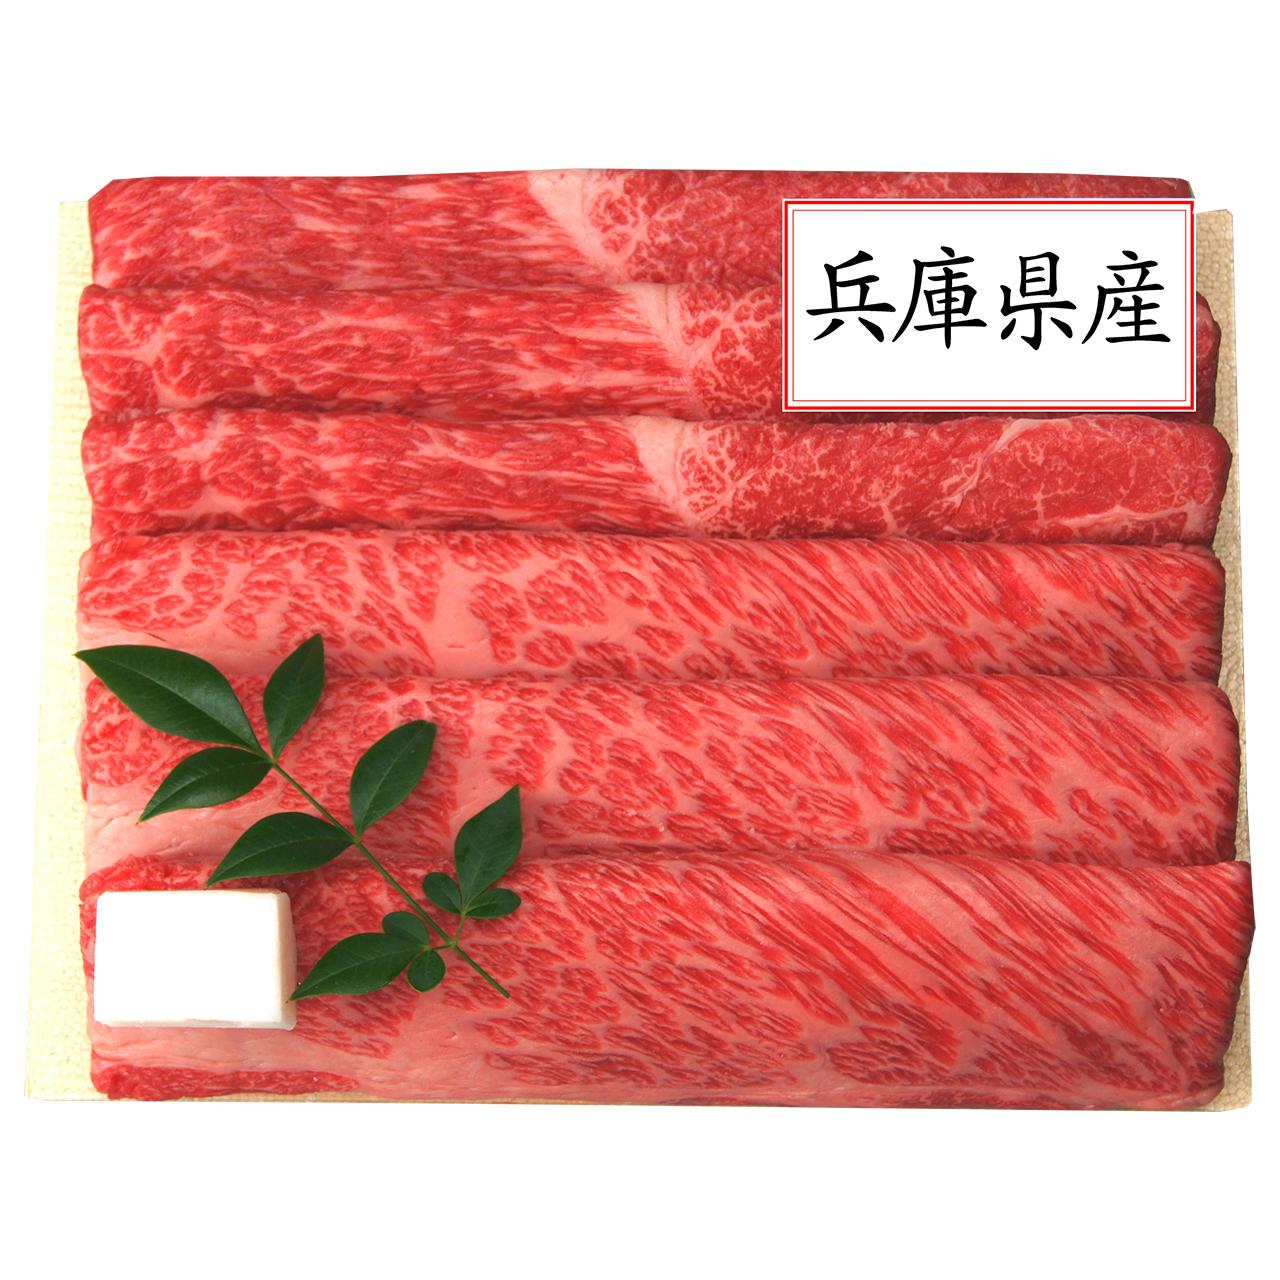 敬老祝い 兵庫県産黒毛和牛すき焼き・しゃぶしゃぶ用